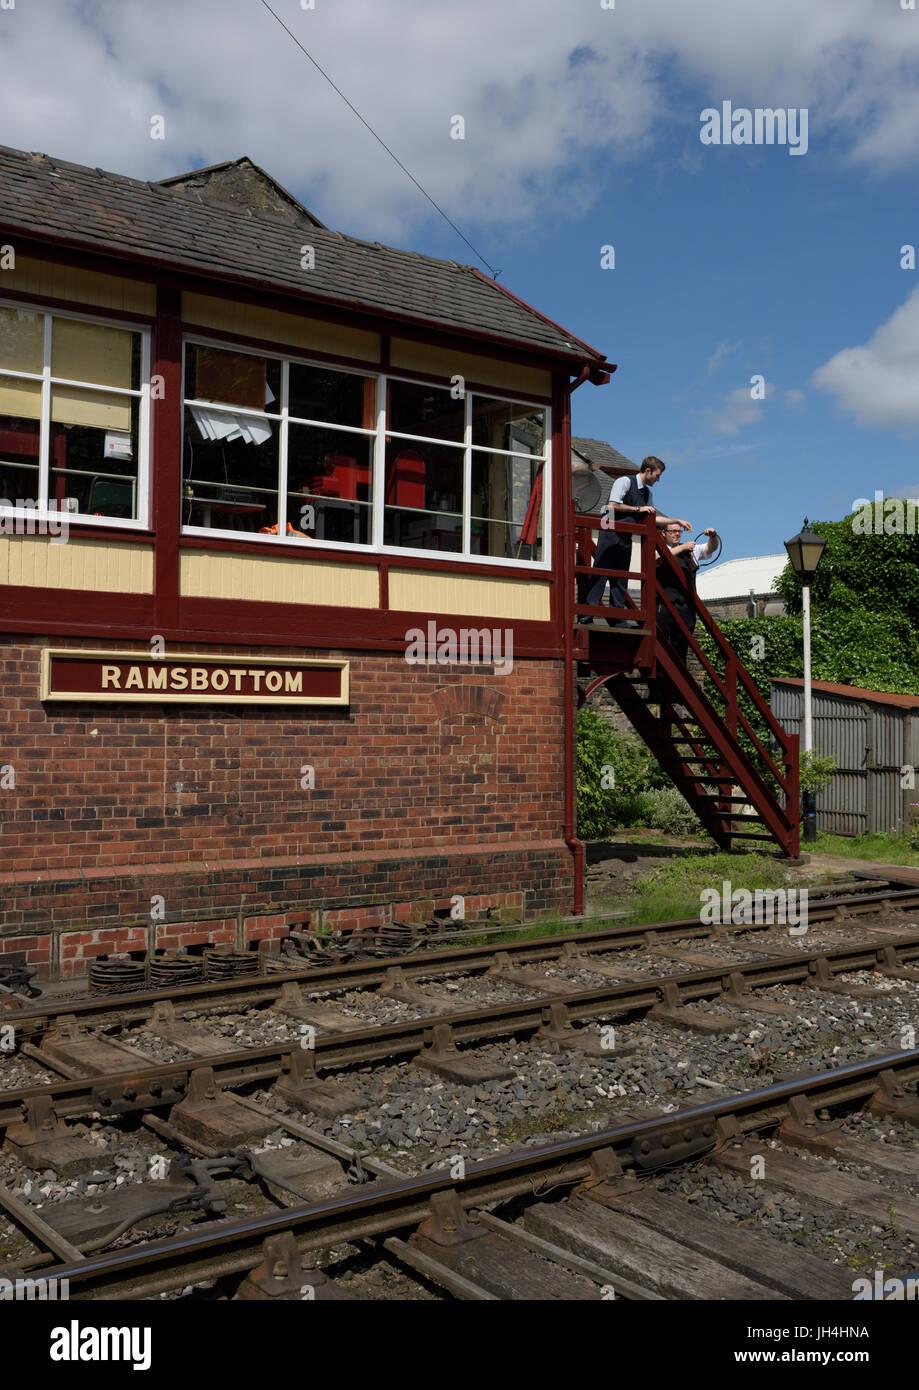 Eisenbahn sichestellen, das Token für den Zug auf der East Lancashire Eisenbahn in ramsbottom Lancashire Stockbild